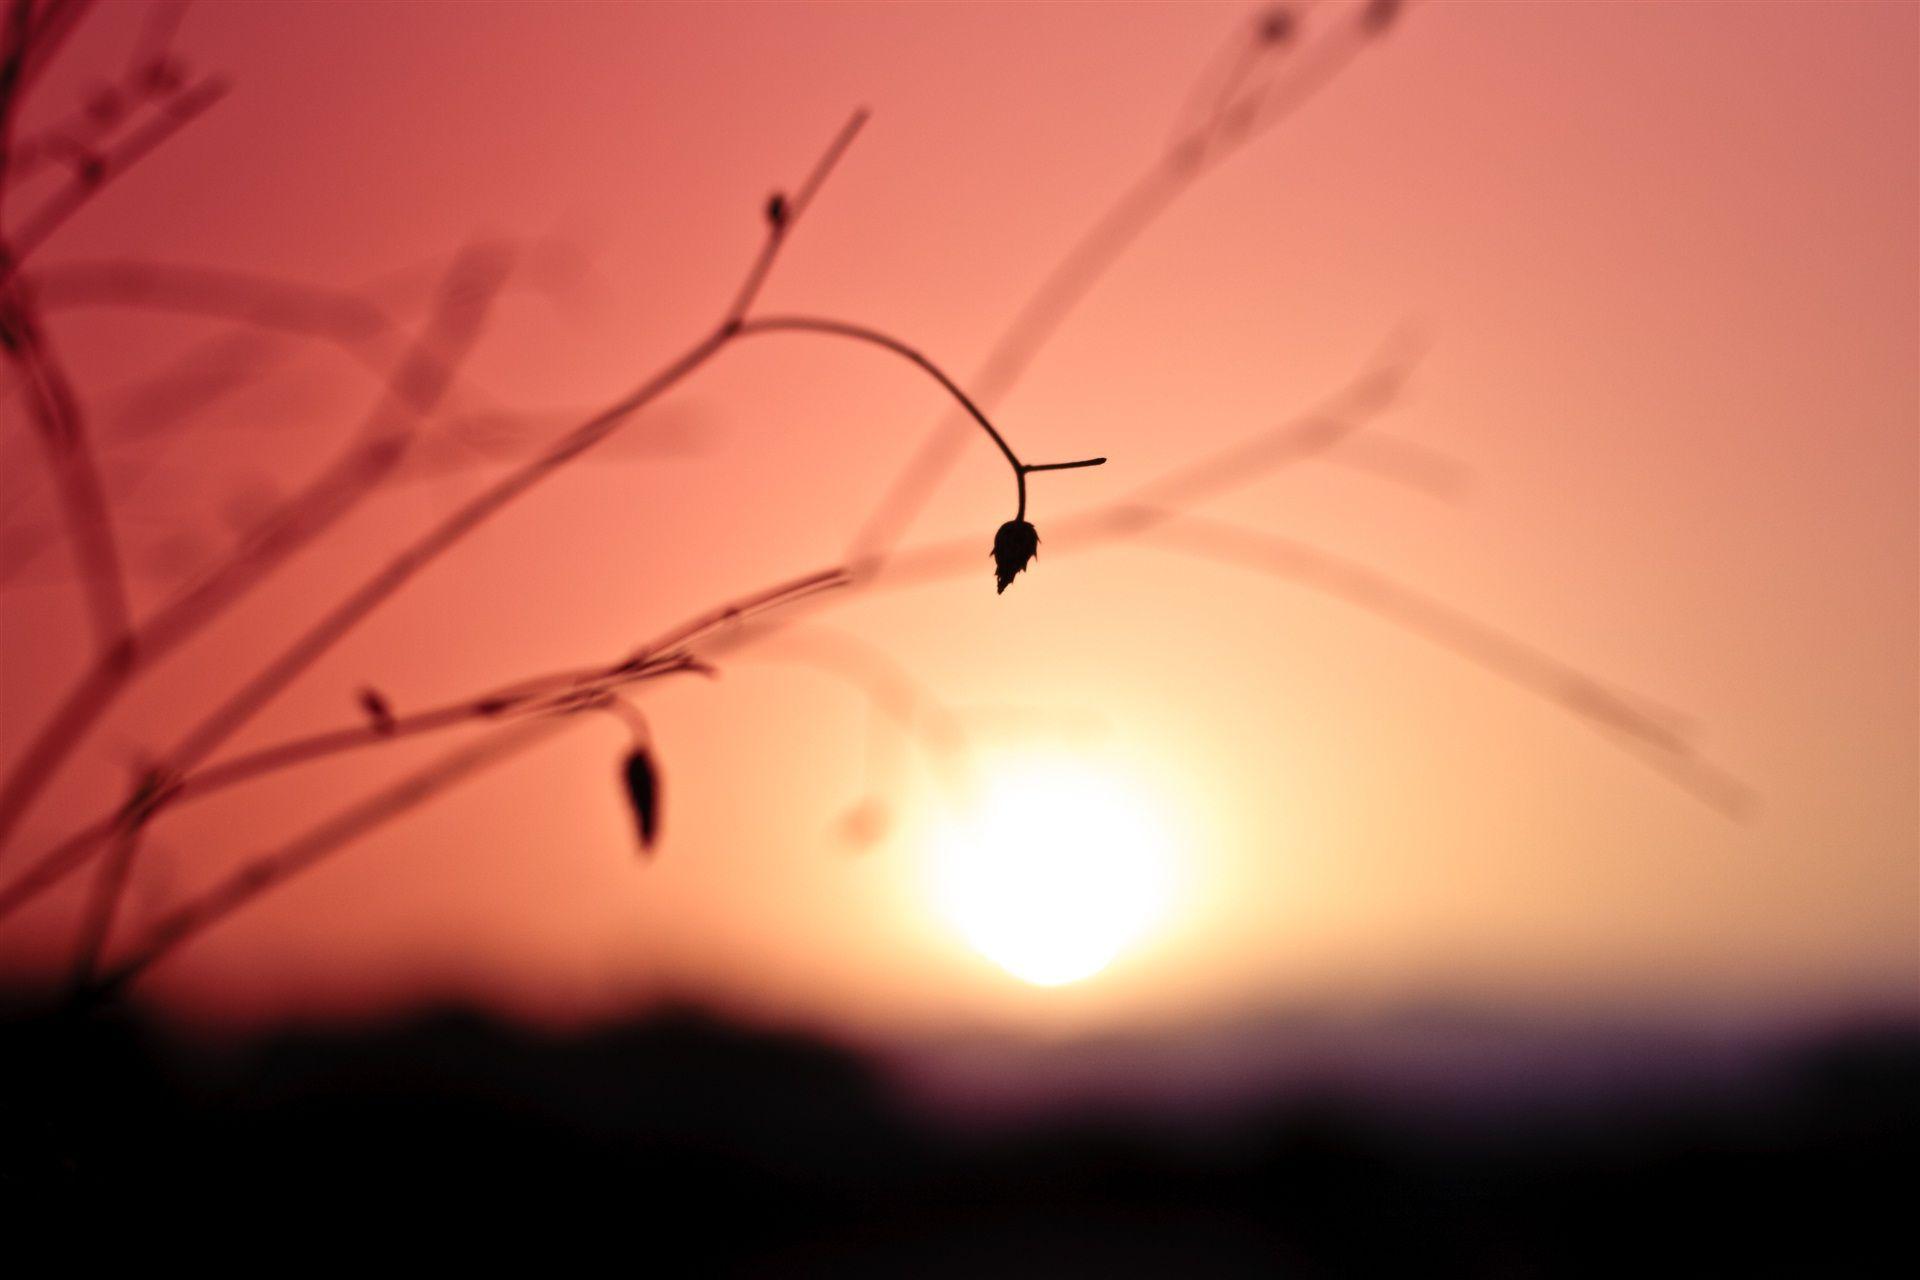 #torkade blommor, #avstånd, #växt, #solnedgång, #närbild, #färg, #blad, #gren, #sol, #oskärpa, #himmel